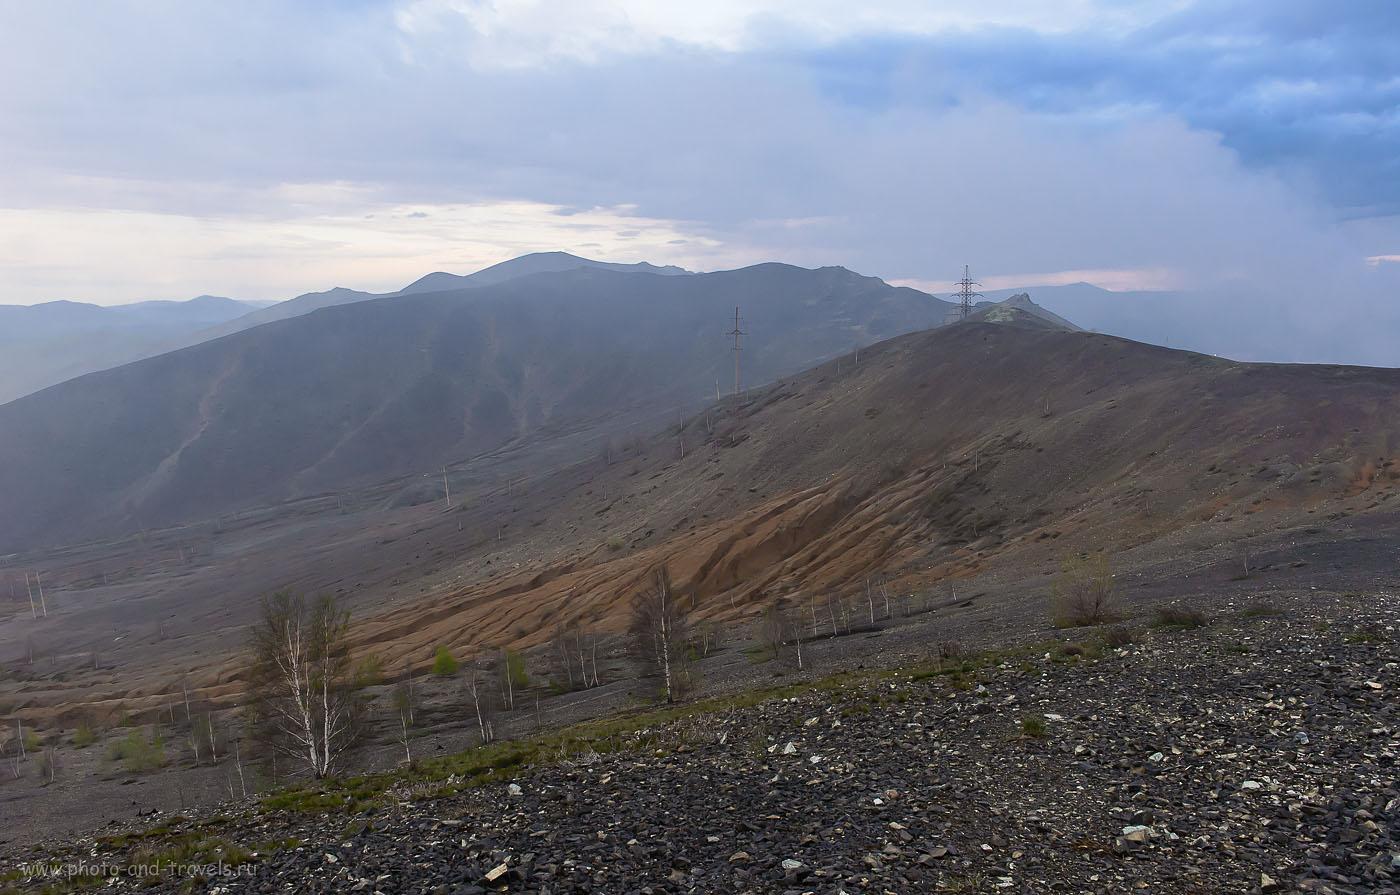 20. Лунный пейзаж в Челябинской области. Карабаш (1600, 28, 9.0, 1/200)